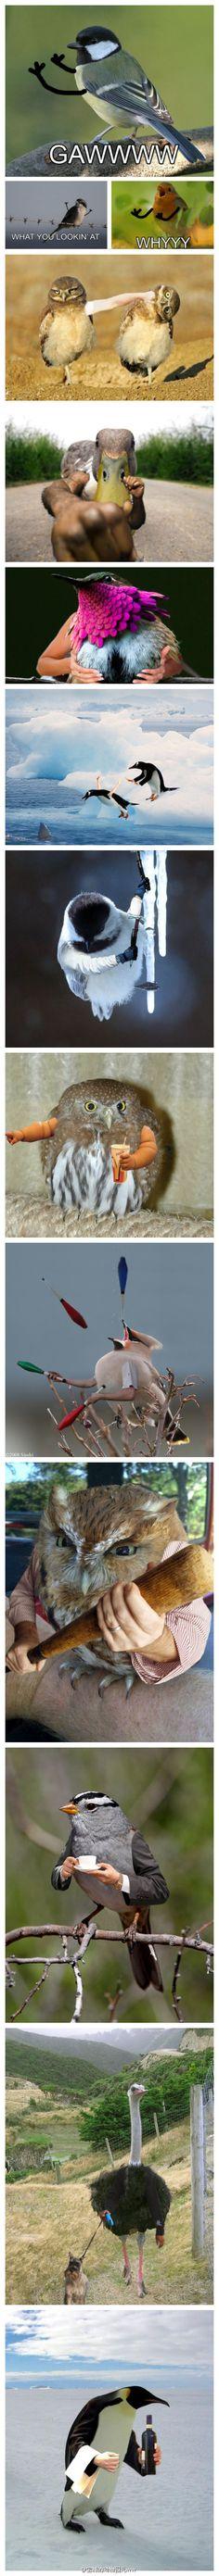 发现一个异怪的网站 birdswitharms.tumblr.com